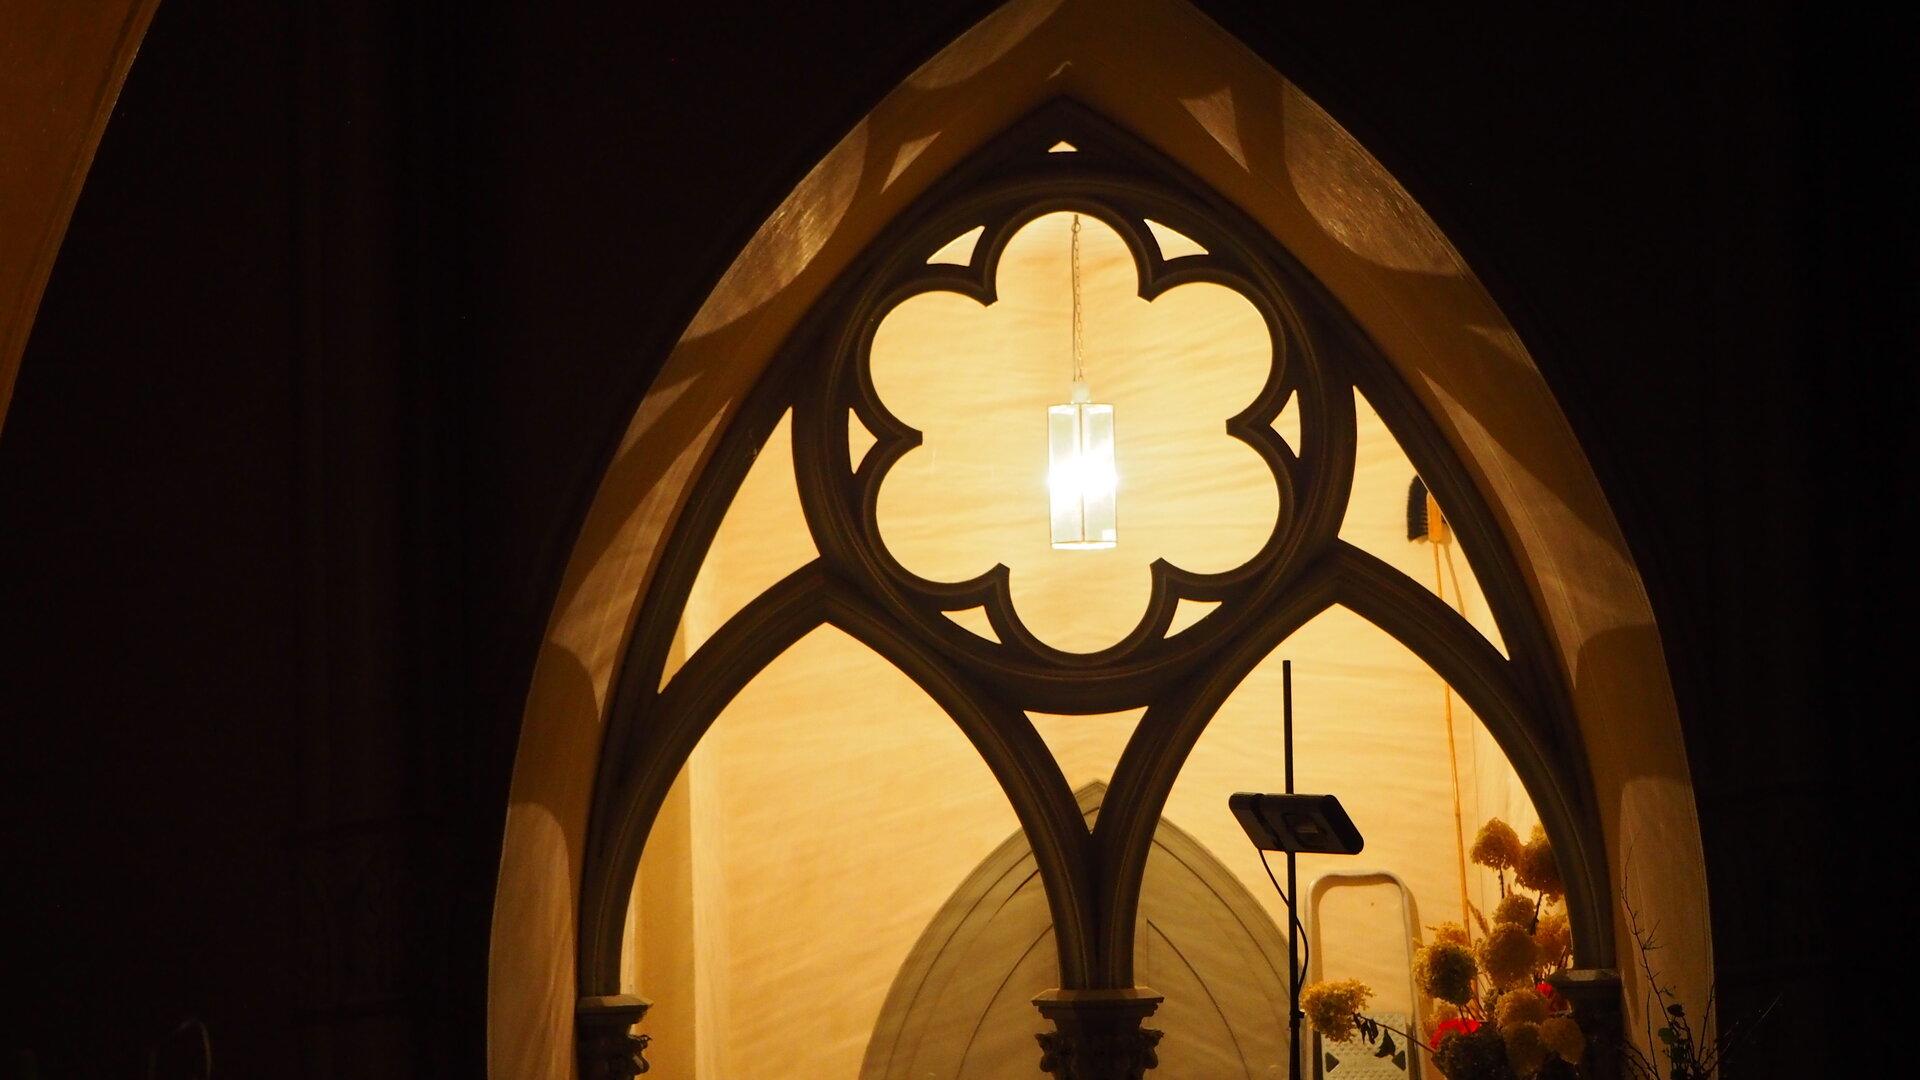 Neue Leuchte in der Sakristei, foto: S. Weber